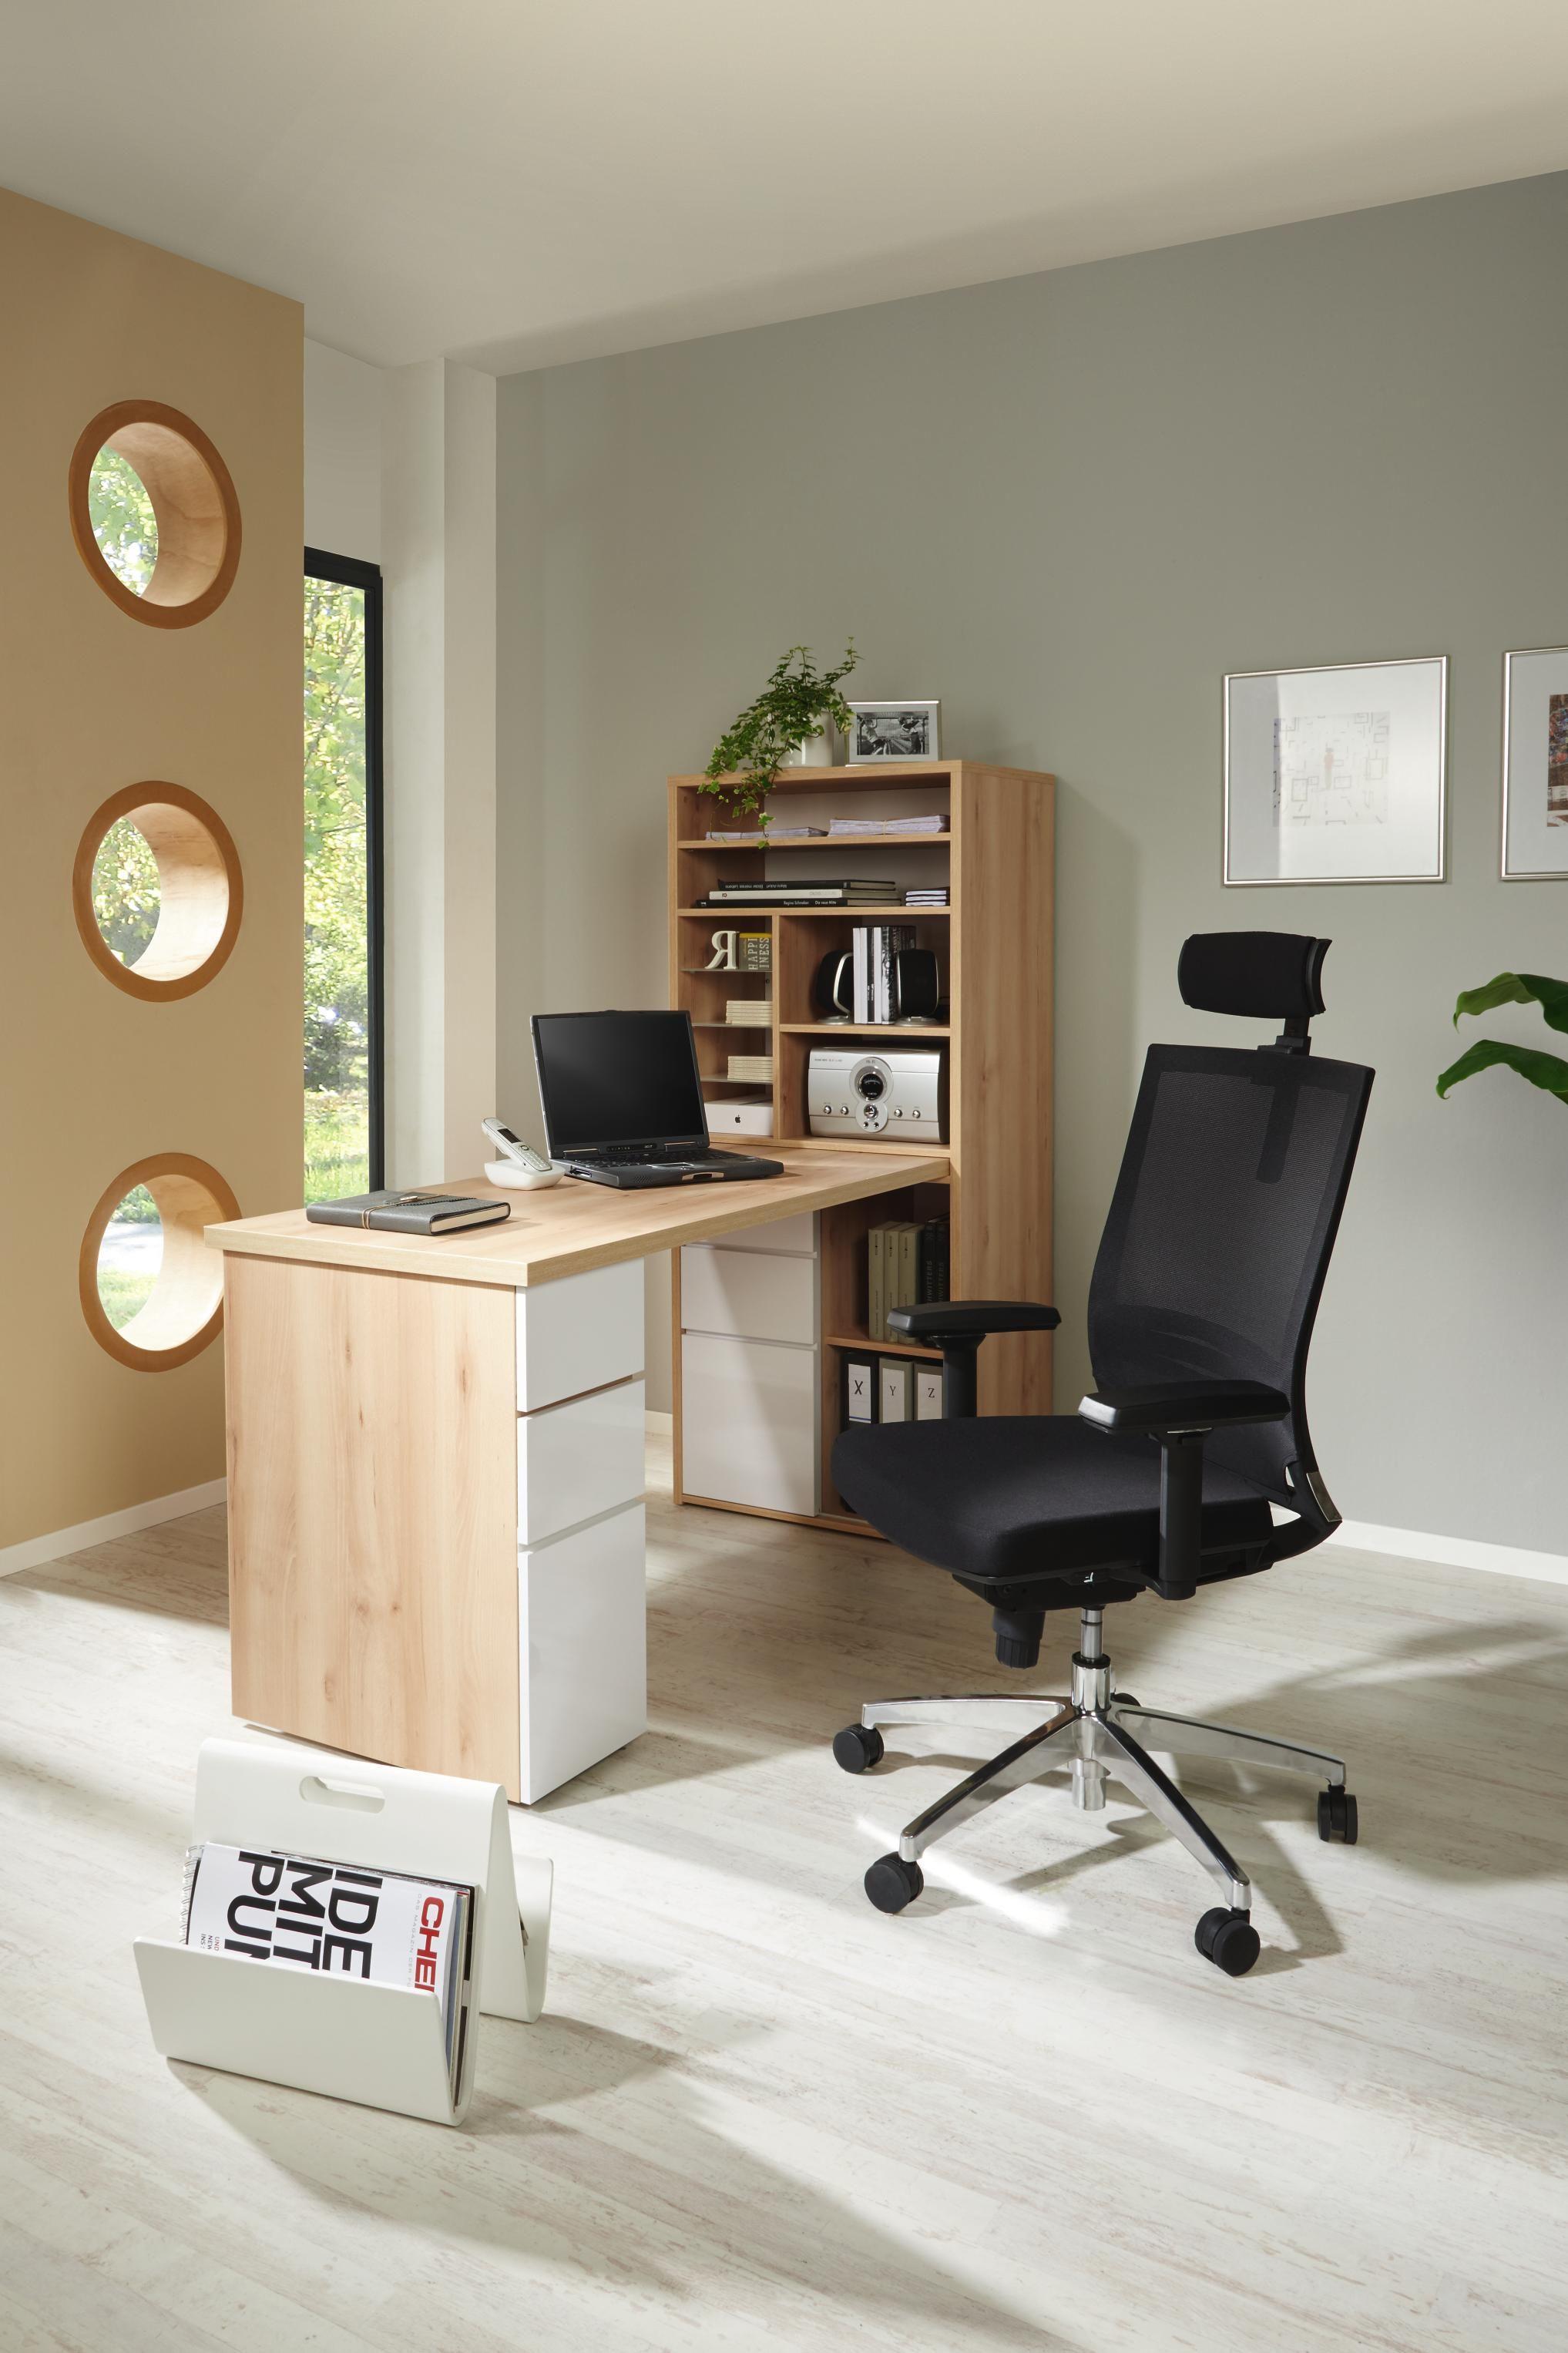 Für Ihr kleines Büro Schreibtisch und Aktenschrank in einem